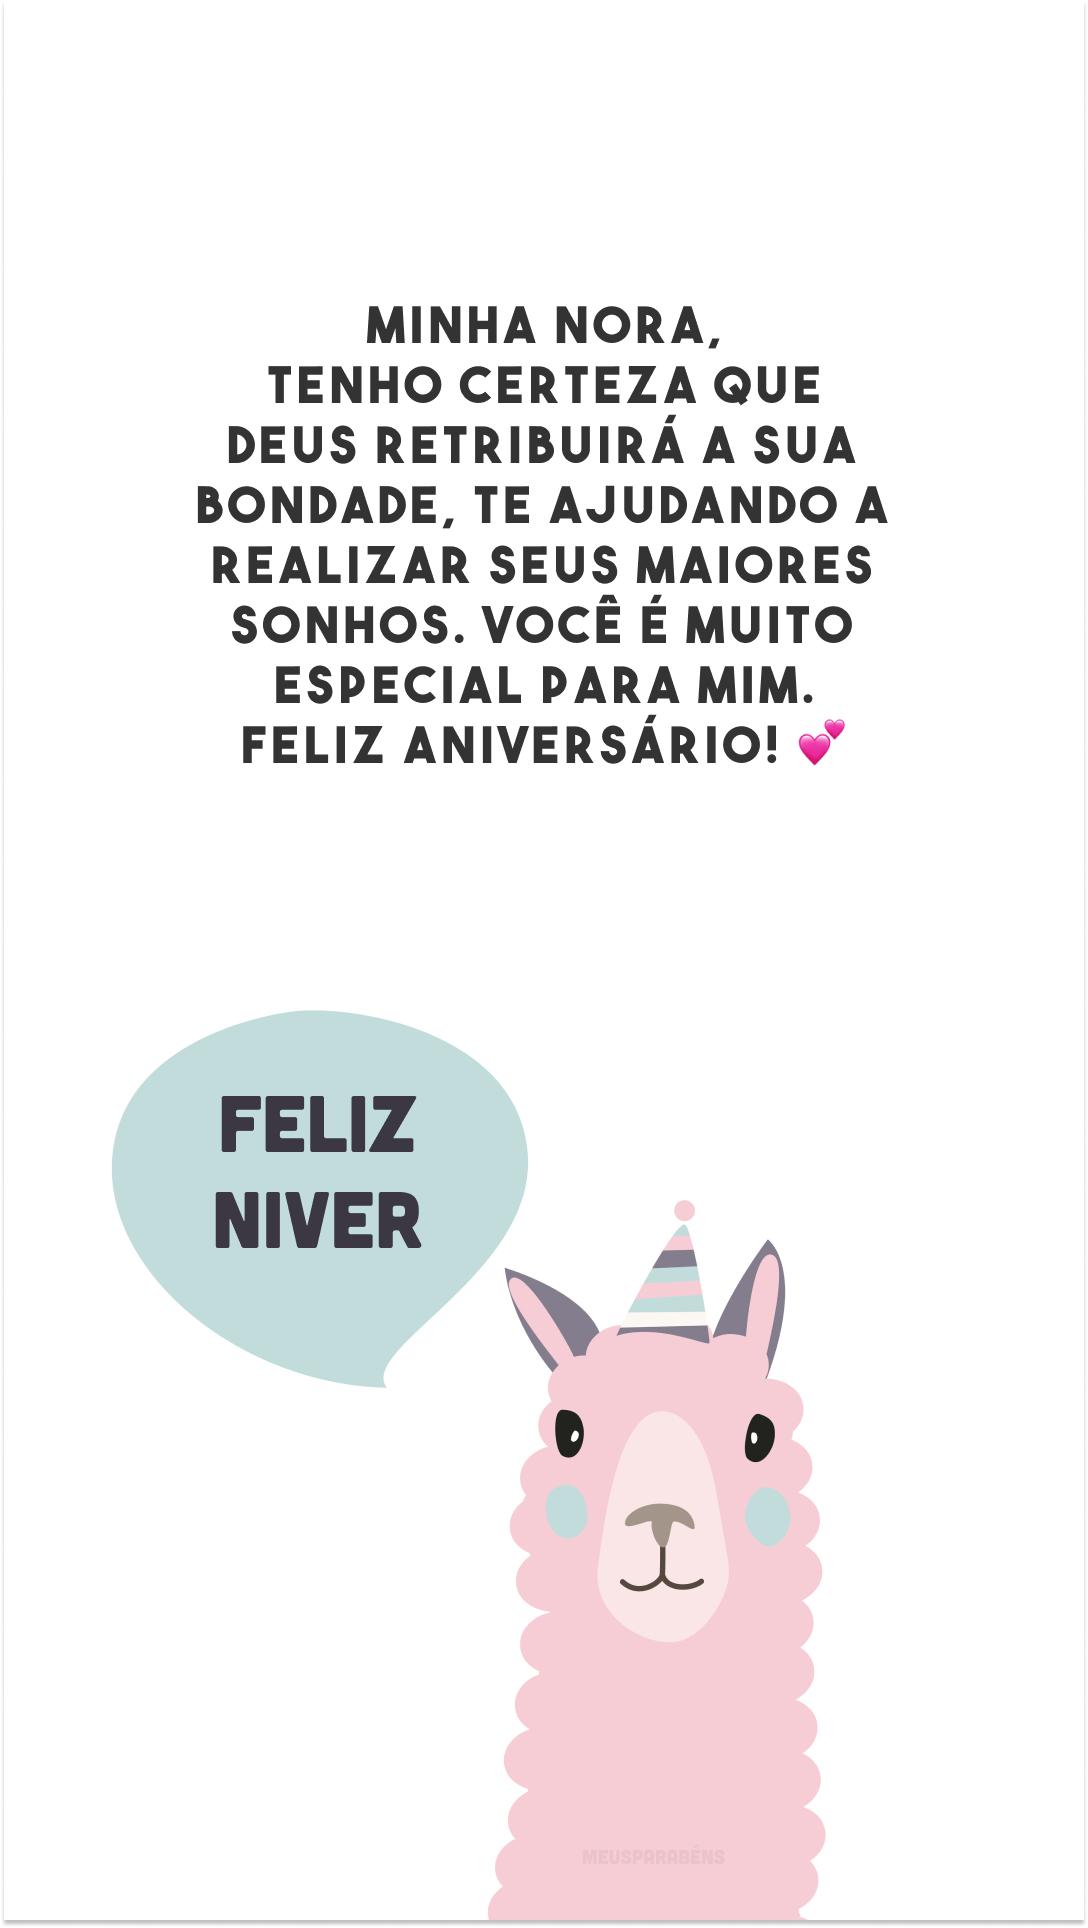 Minha nora, tenho certeza que Deus retribuirá a sua bondade, te ajudando a realizar seus maiores sonhos. Você é muito especial para mim. Feliz aniversário! 💕